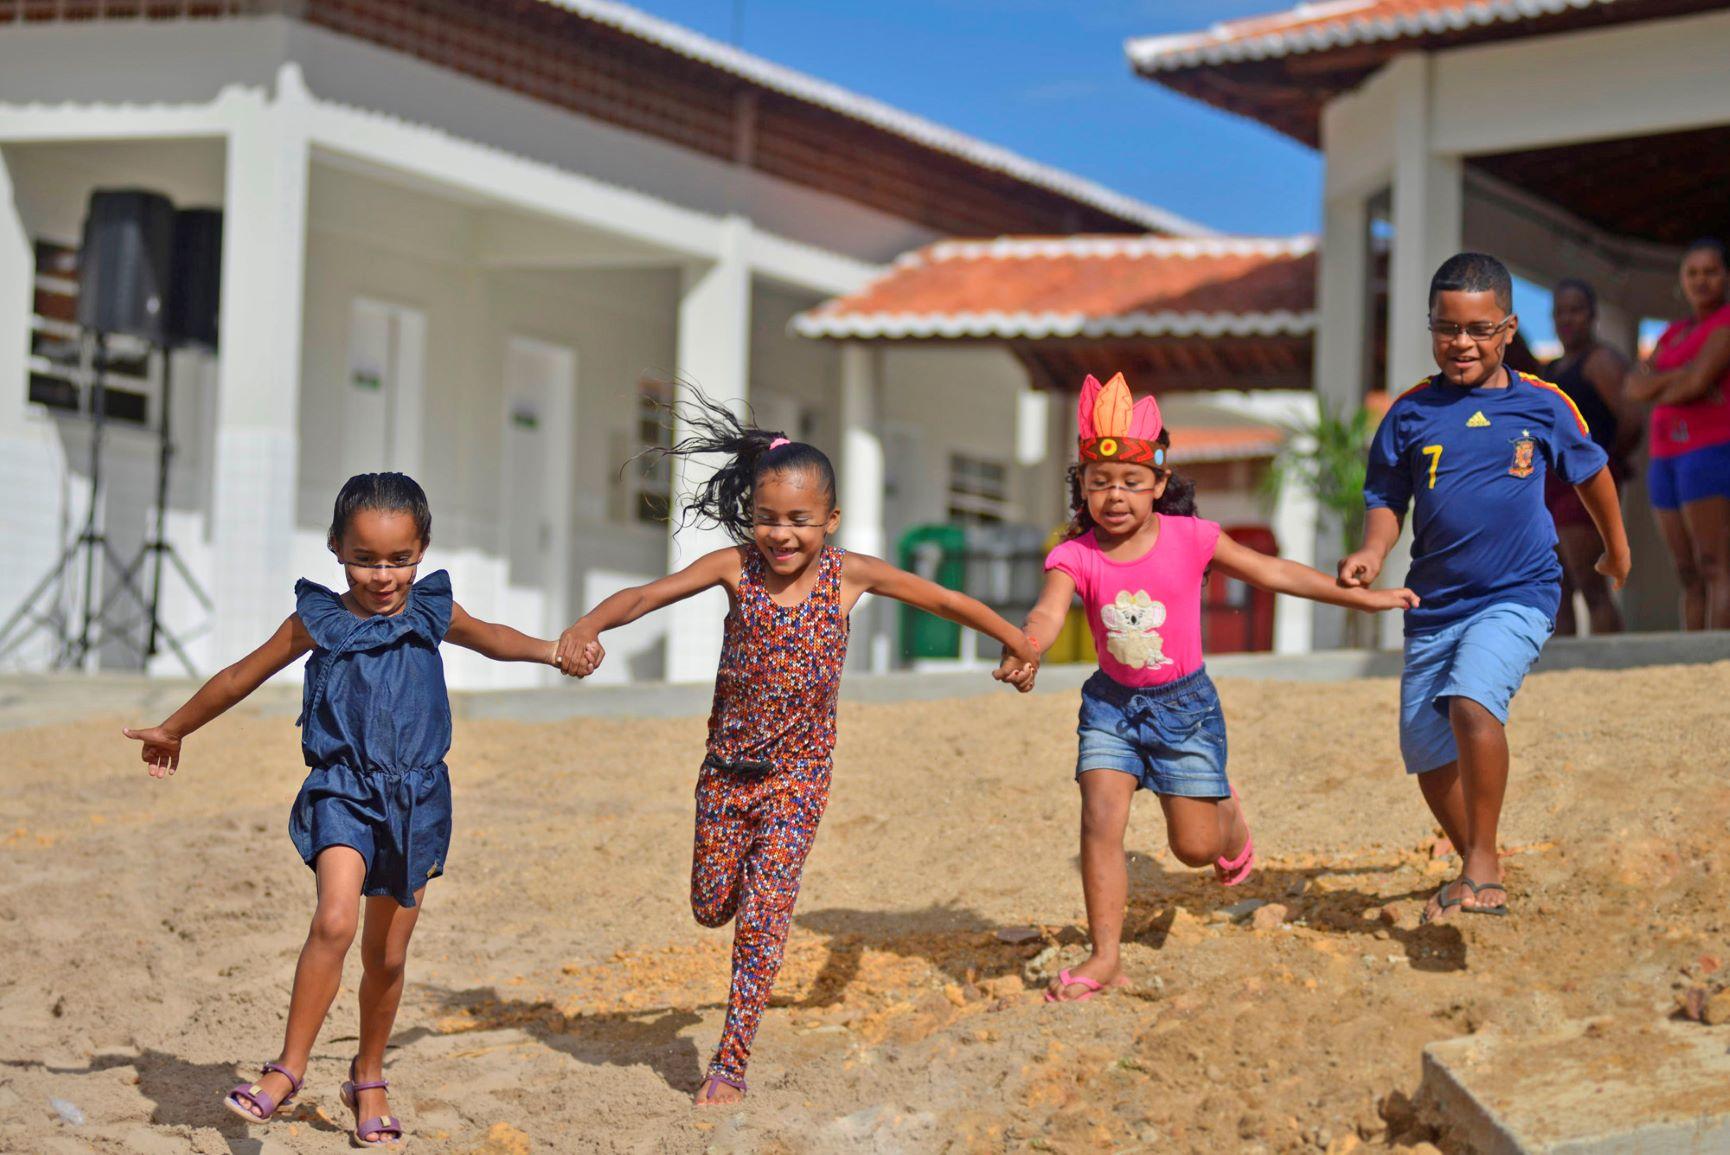 Crianças brincam em escola indígena Tapuya: valorização da cultura indígena (Foto: Davi Pinheiro/Governo do Ceará)